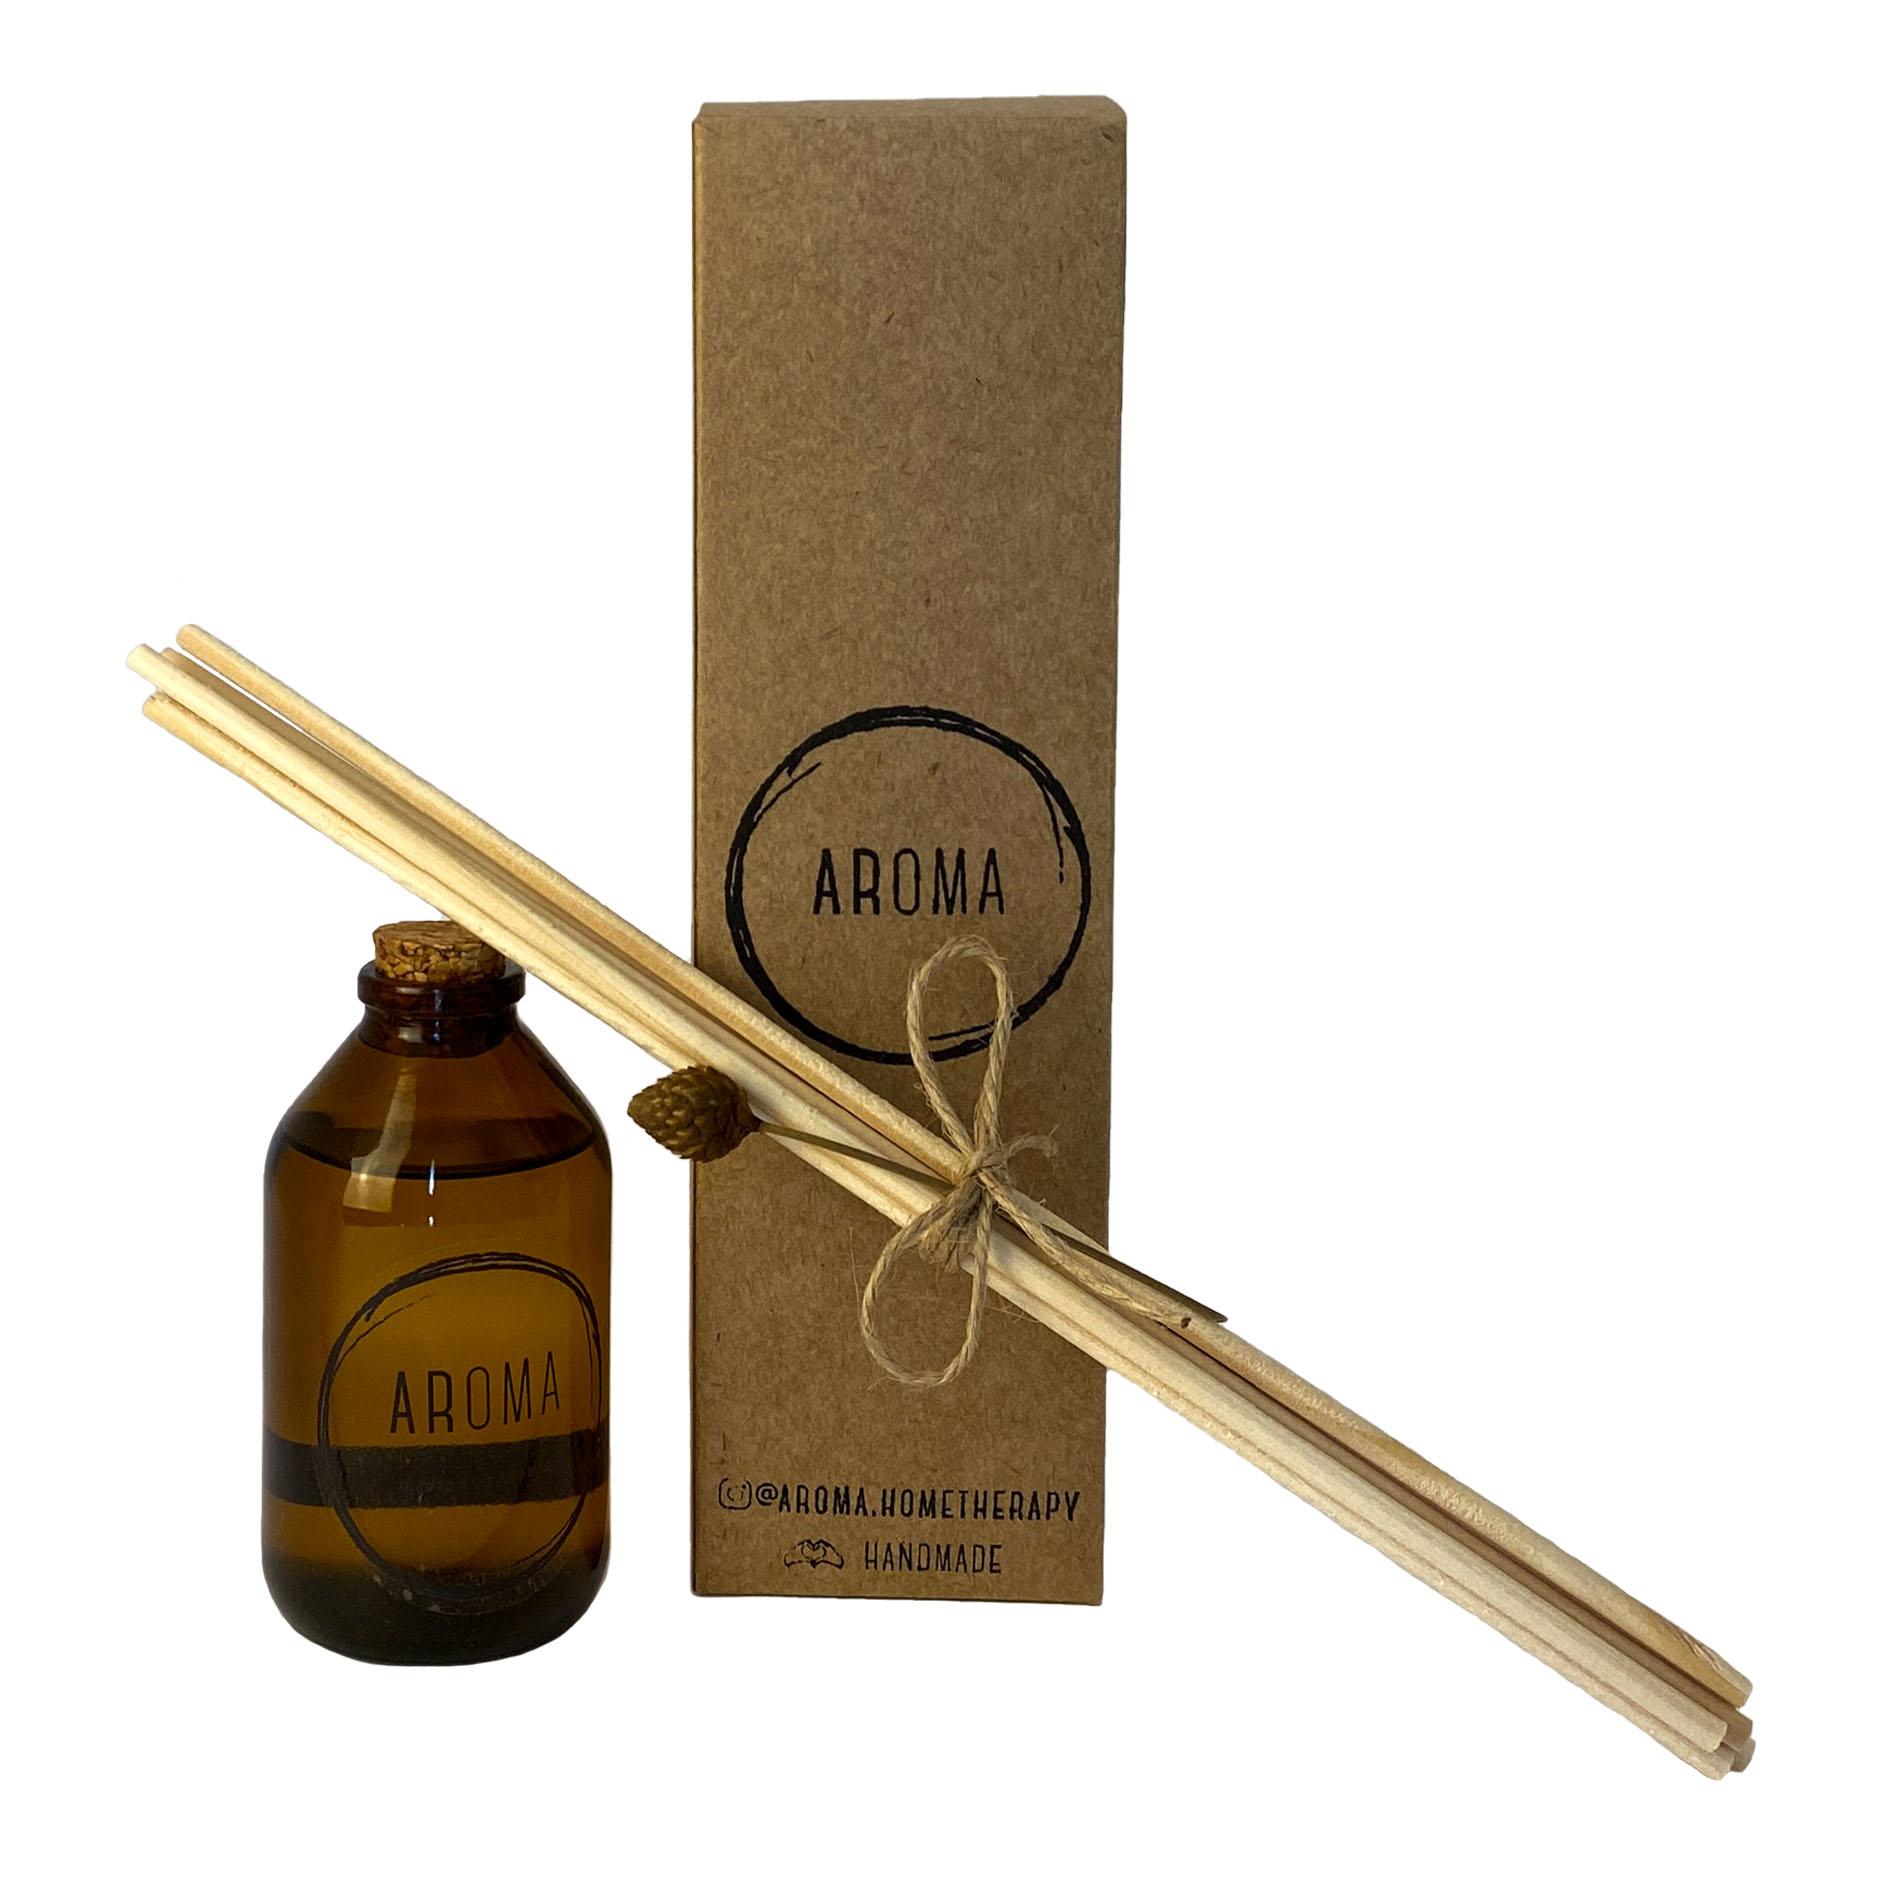 Difusor - Aroma Home Therapy - Lavanda  - Vinerize